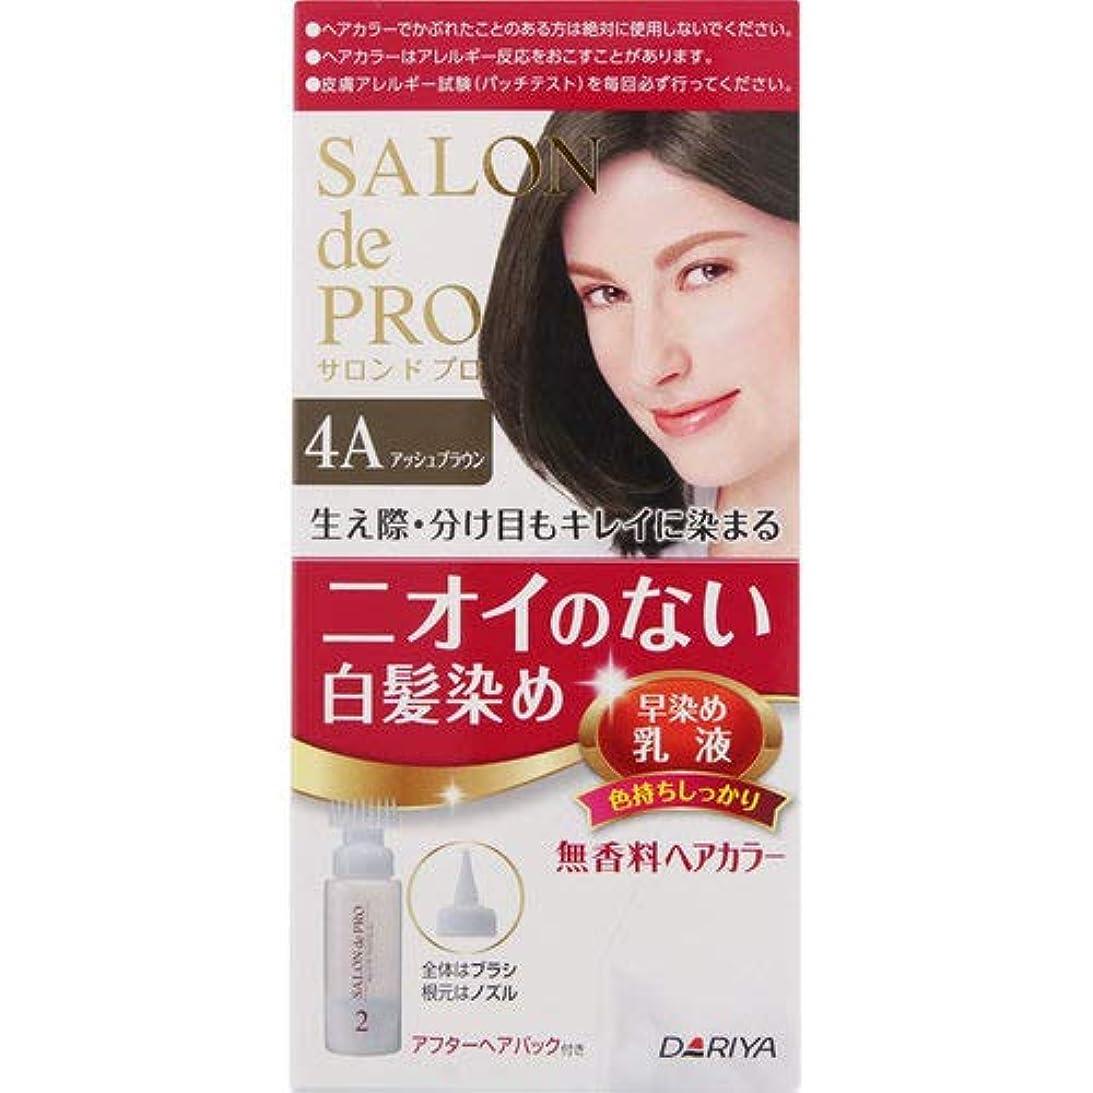 八百屋さん一時停止最小化するサロンドプロ無香料ヘアカラー早染め乳液4A(アッシュブラウン)